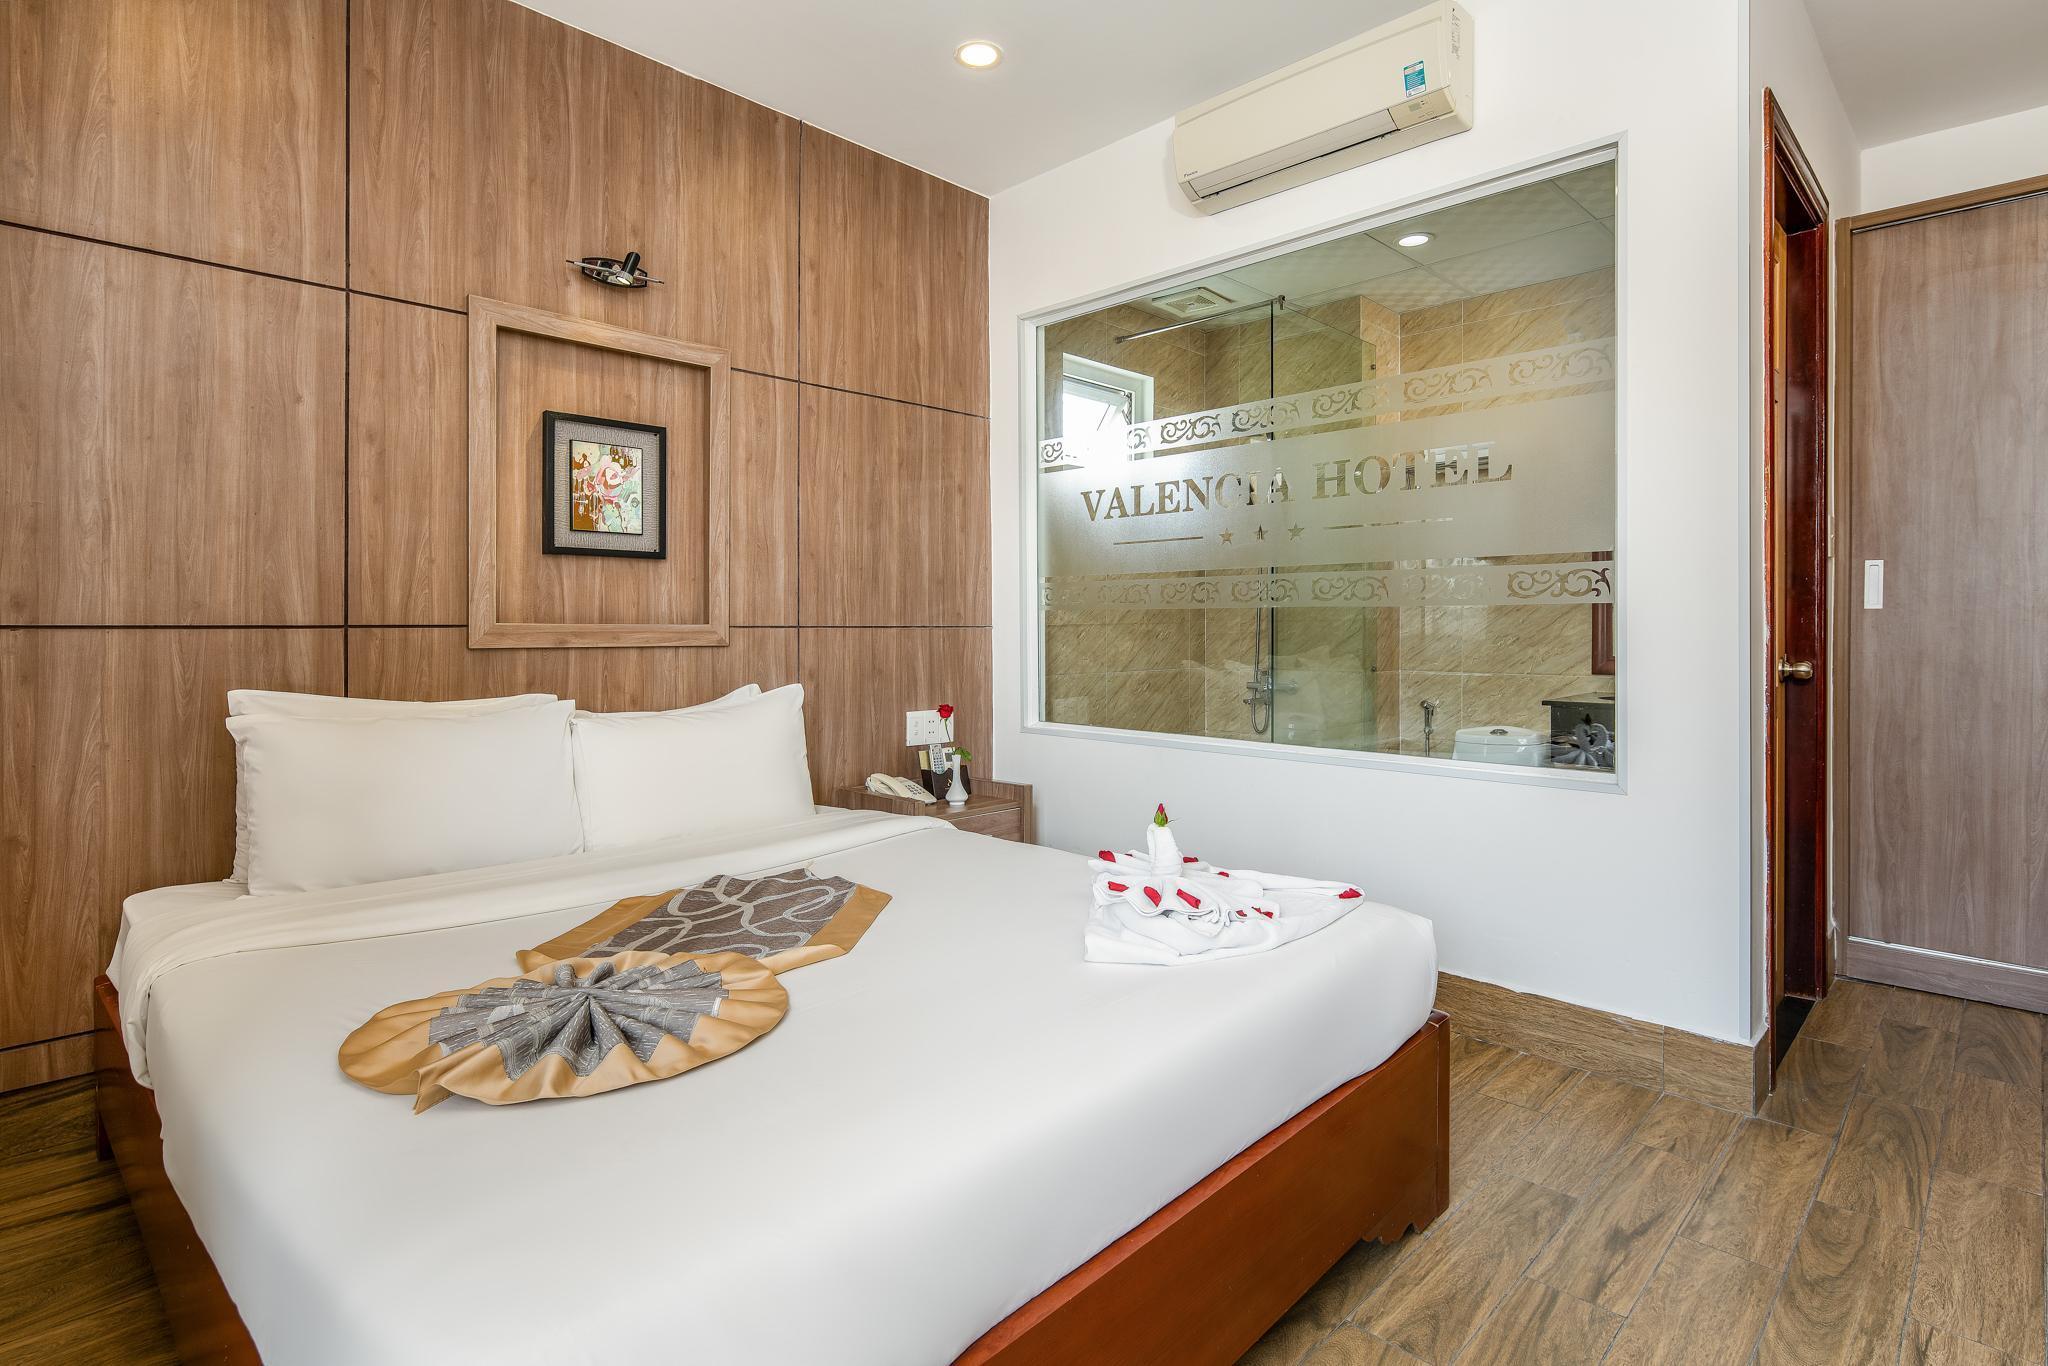 Valencia Hotel Da Nang